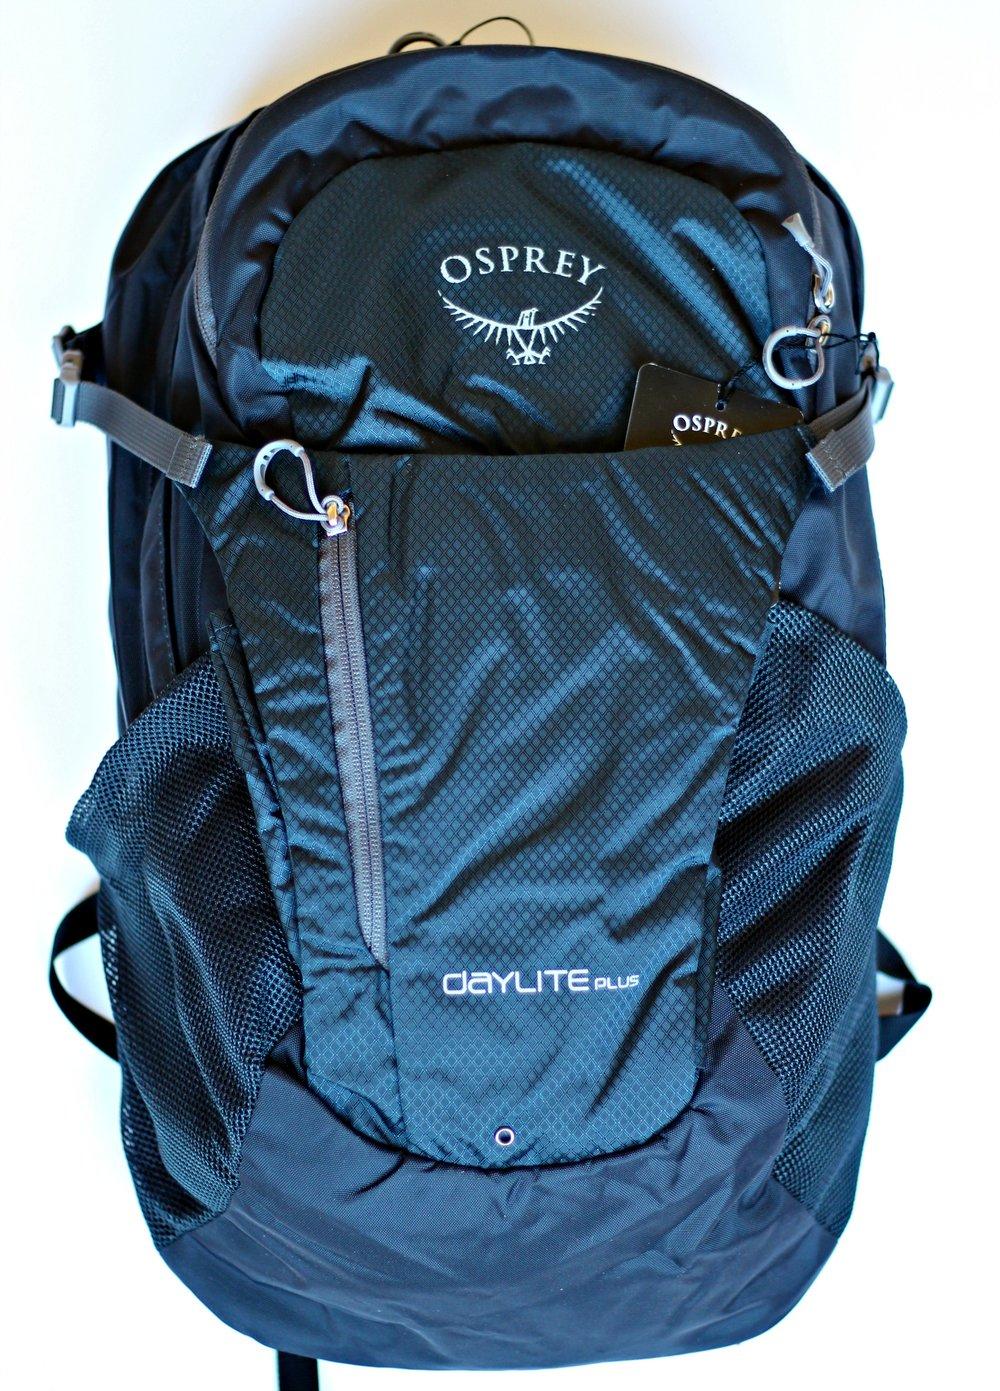 osprey-daylite-plus-gift